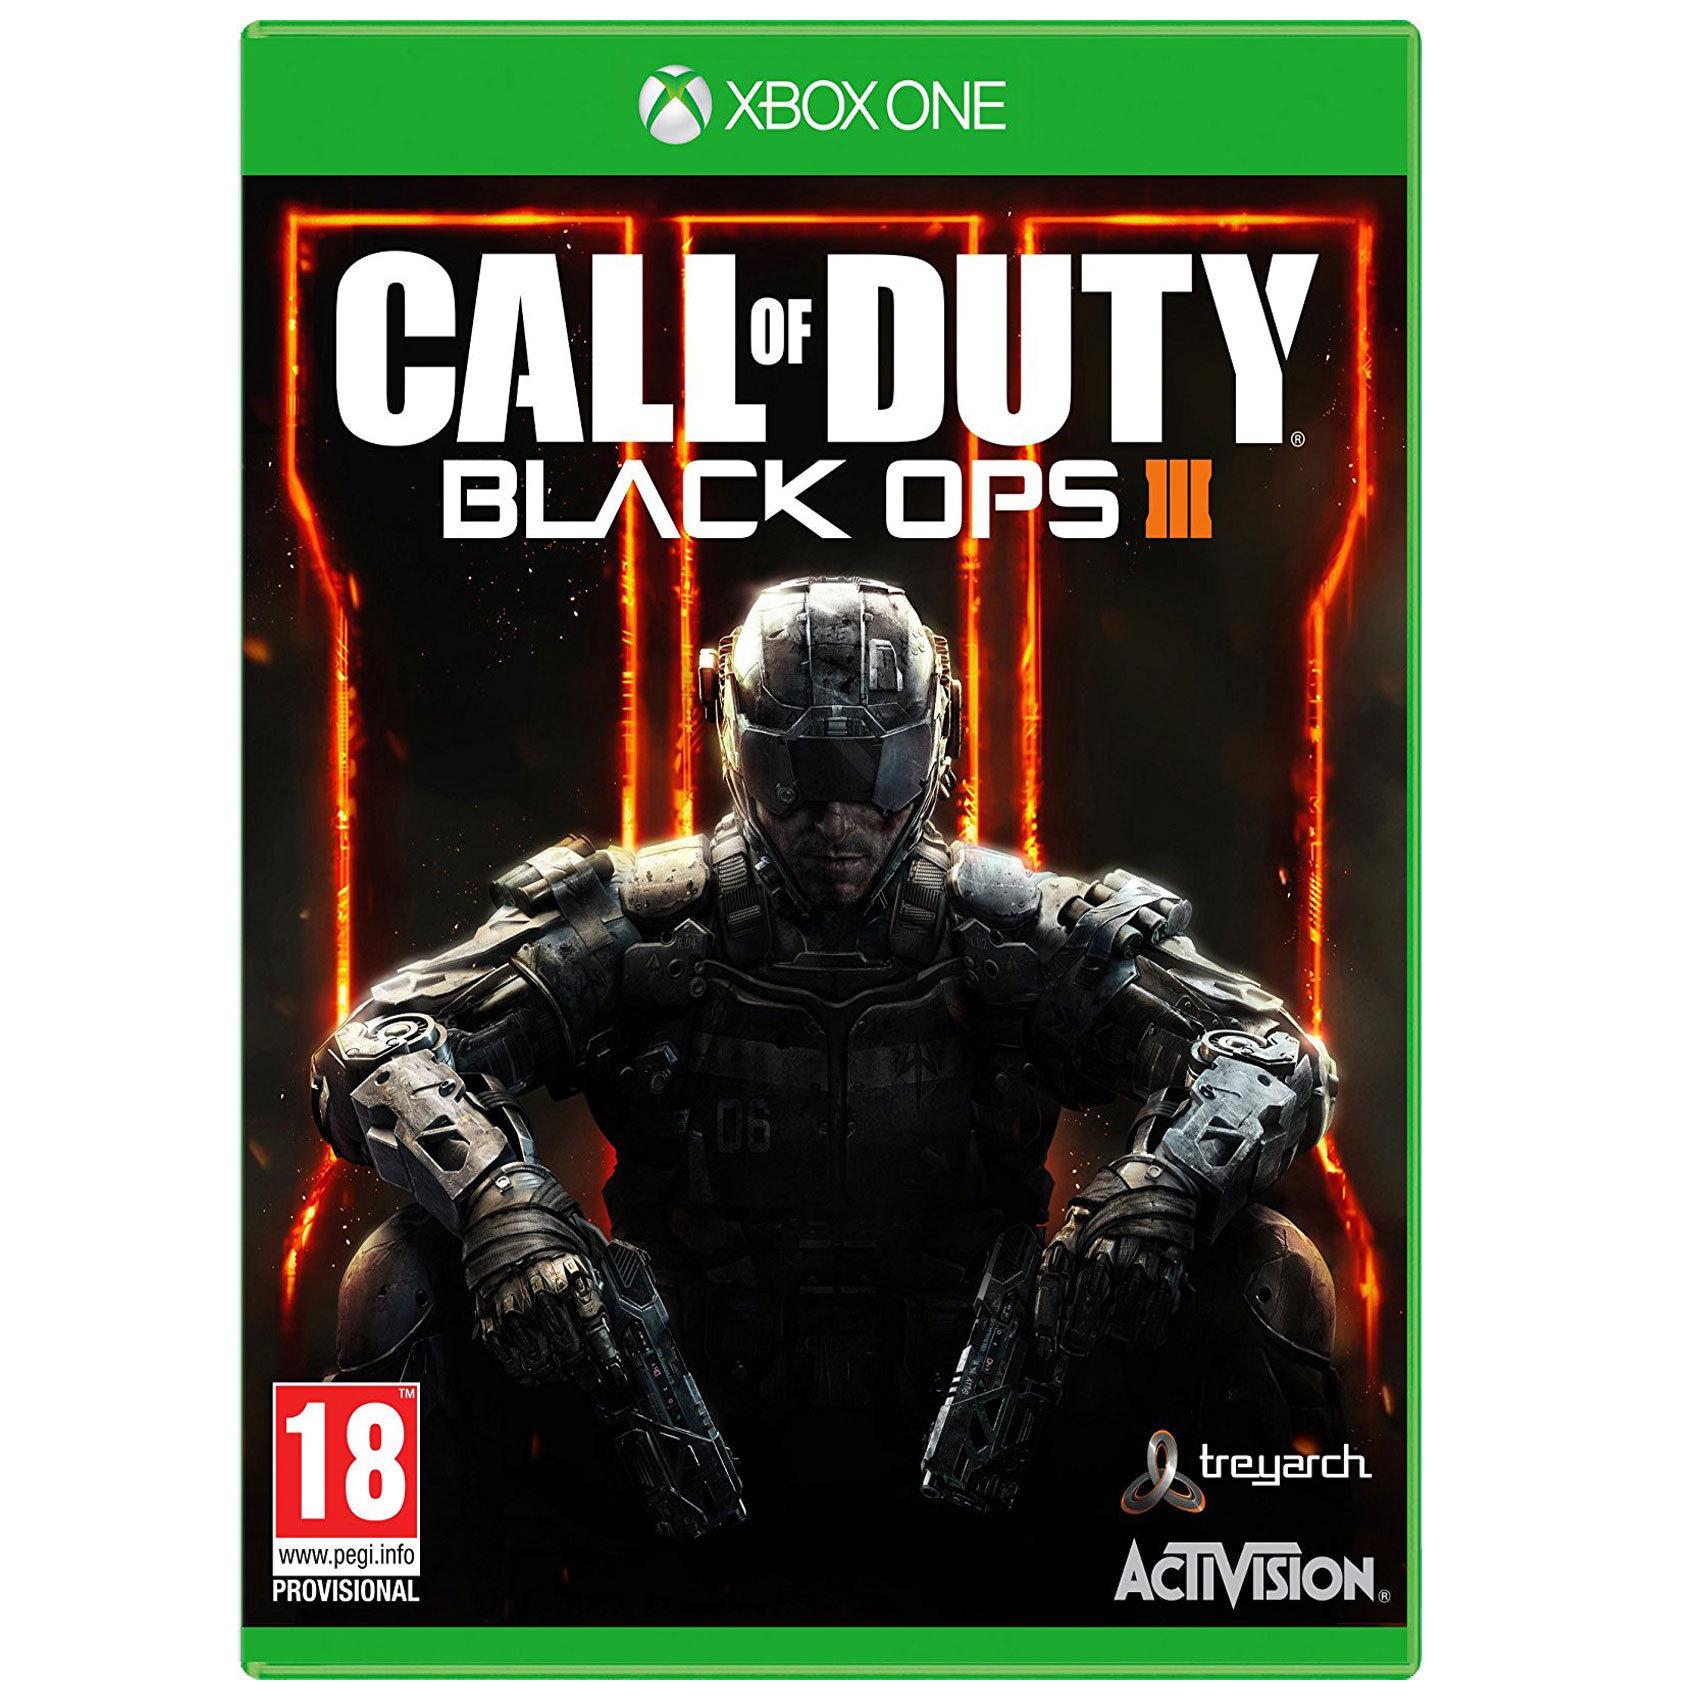 MICROSOFT XB1 COD:BLACK OPS III